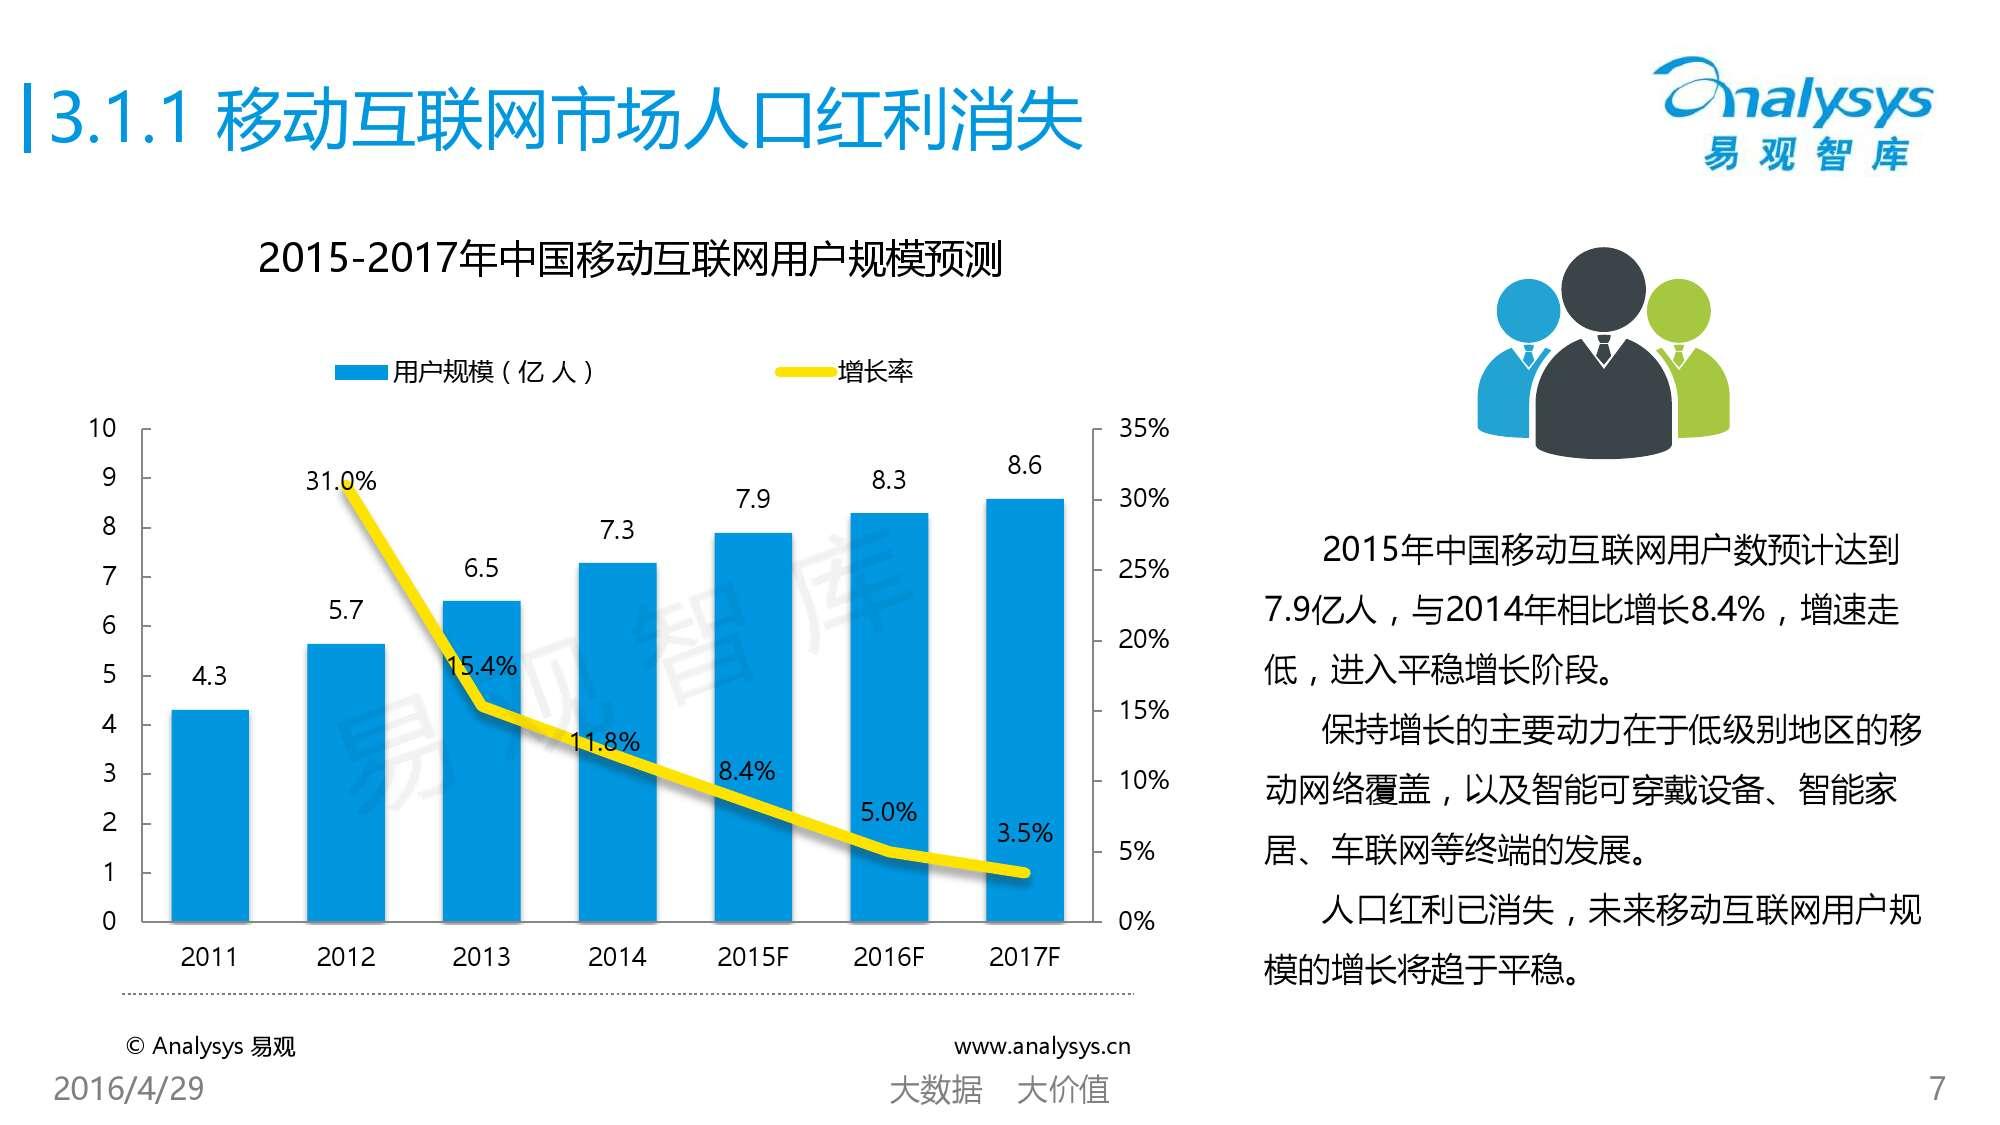 中国移动互联网用户行为统计报告2016_000007